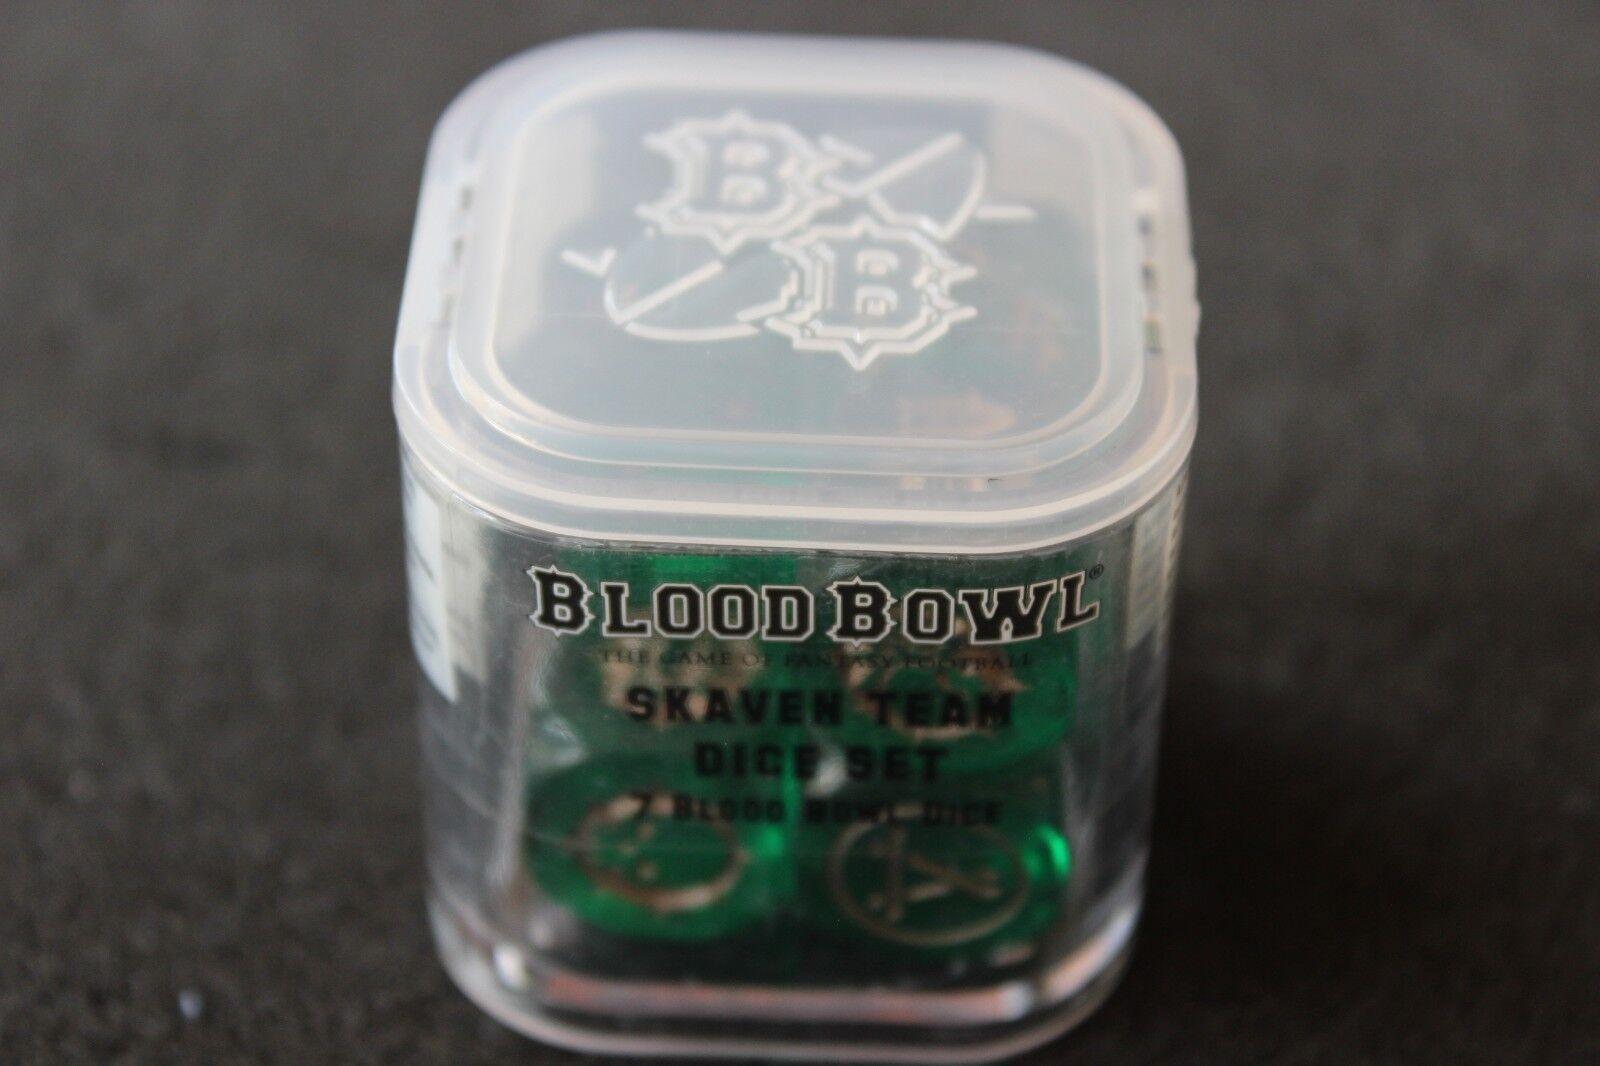 gran descuento Juegos Workshop Workshop Workshop BloodBowl SKAVEN equipo Dados Cubo Set Nuevo Sellado GW Blood Bowl  mejor calidad mejor precio